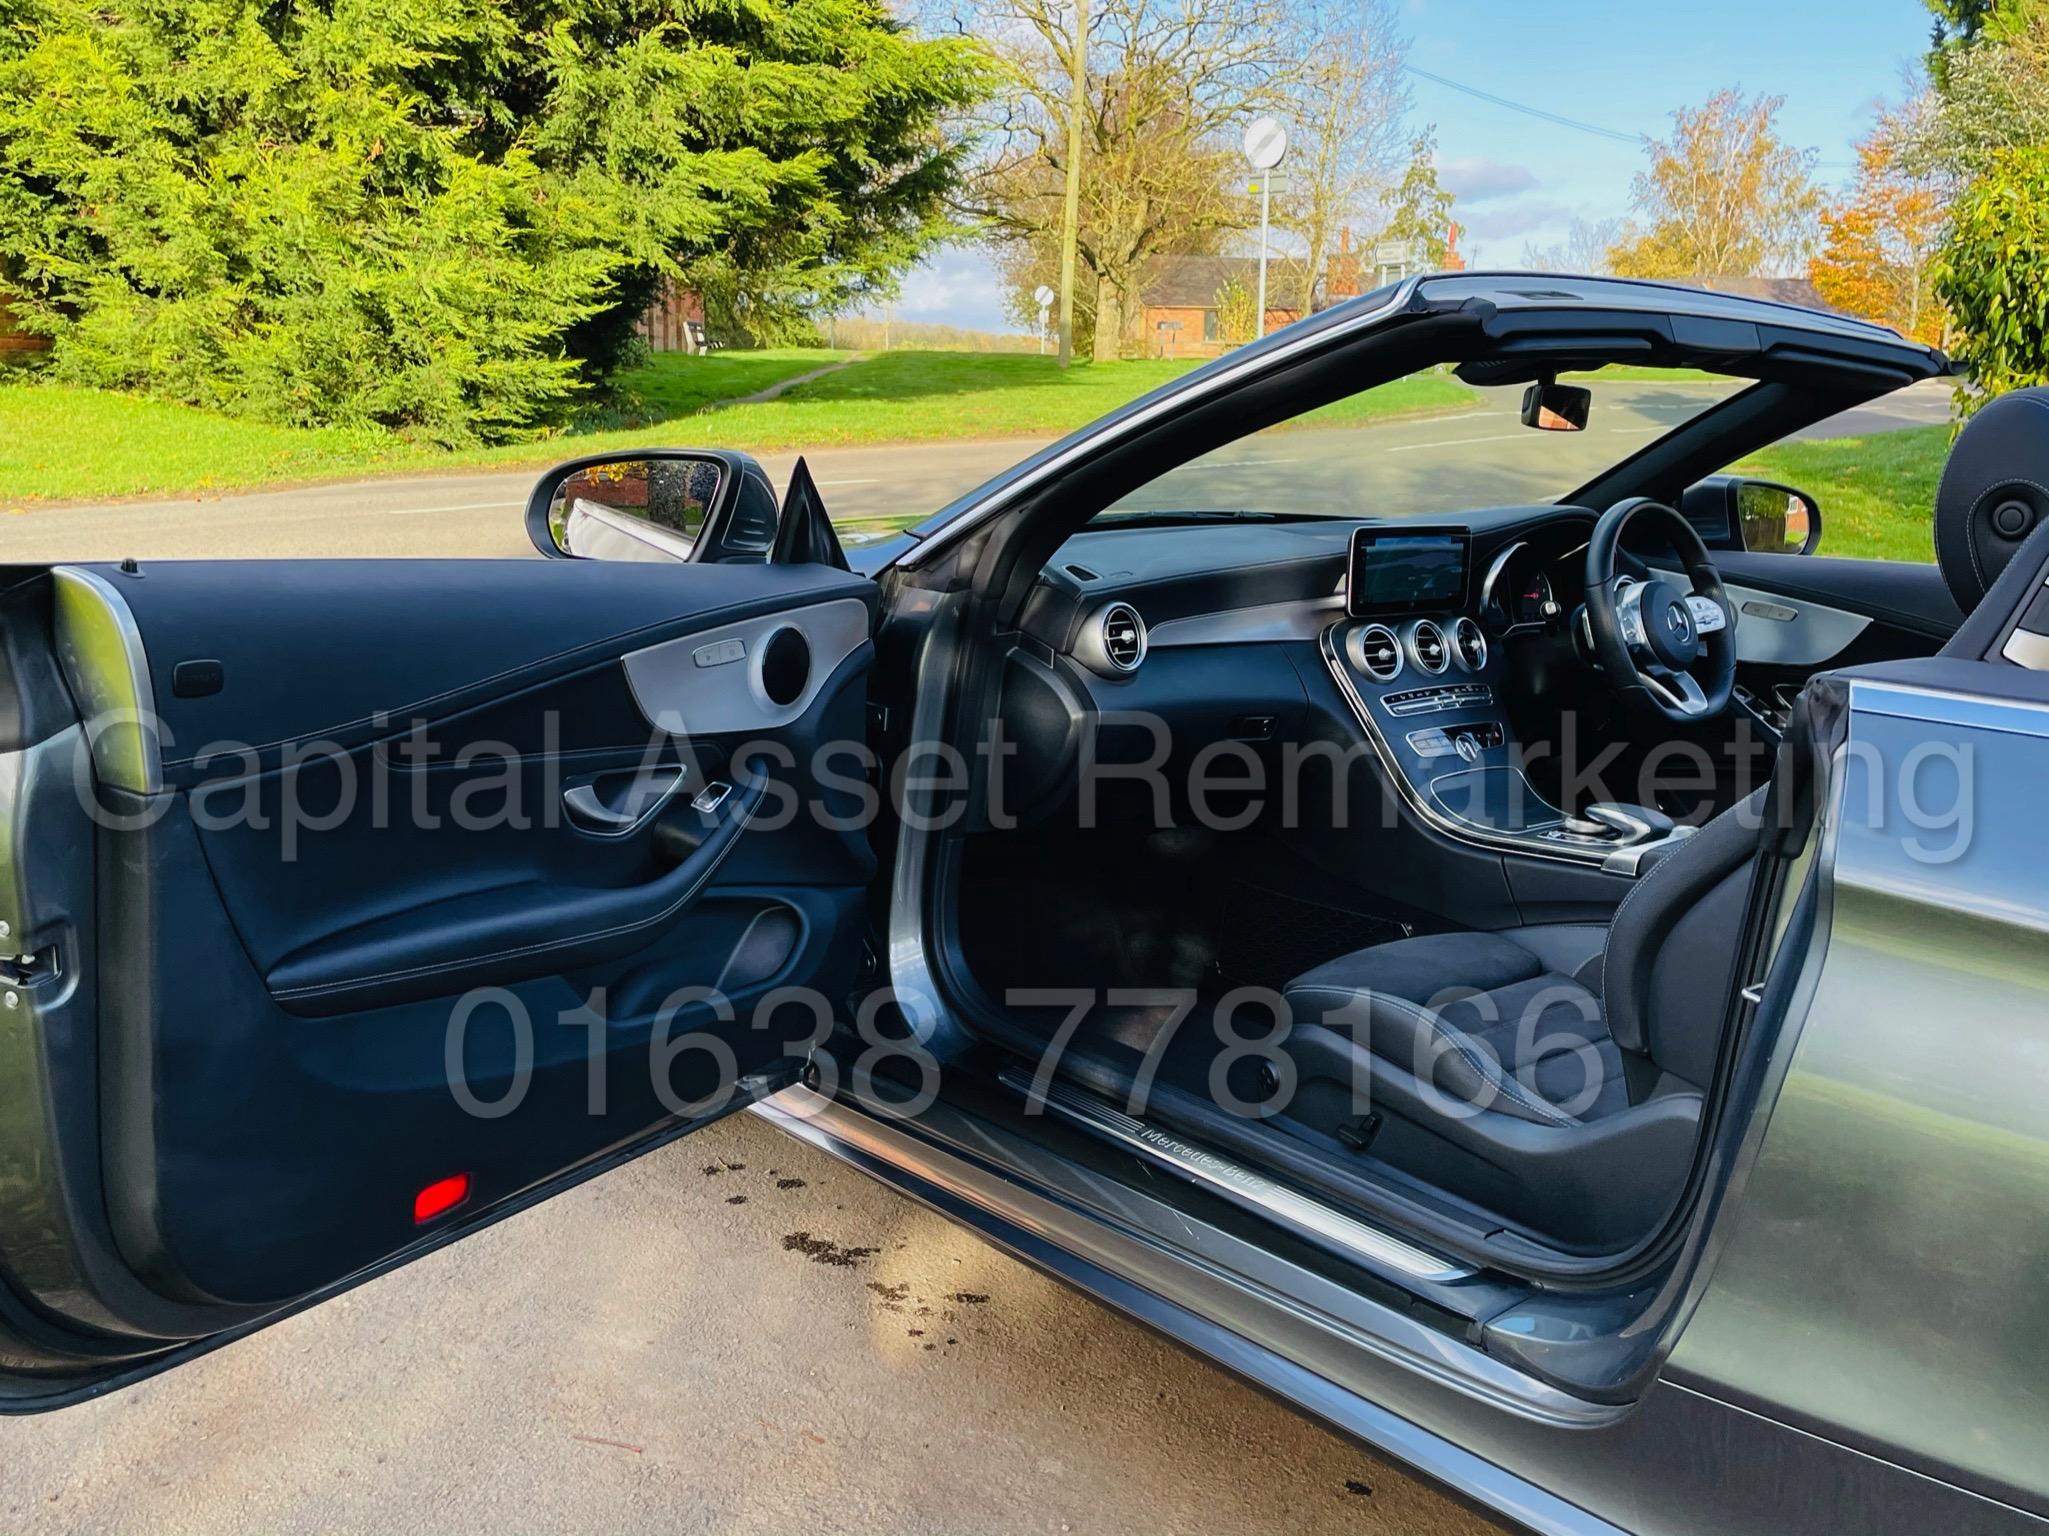 (On Sale) MERCEDES-BENZ C220D *AMG LINE -CABRIOLET* (2019) '9G AUTO - LEATHER - SAT NAV' *HUGE SPEC* - Image 18 of 43